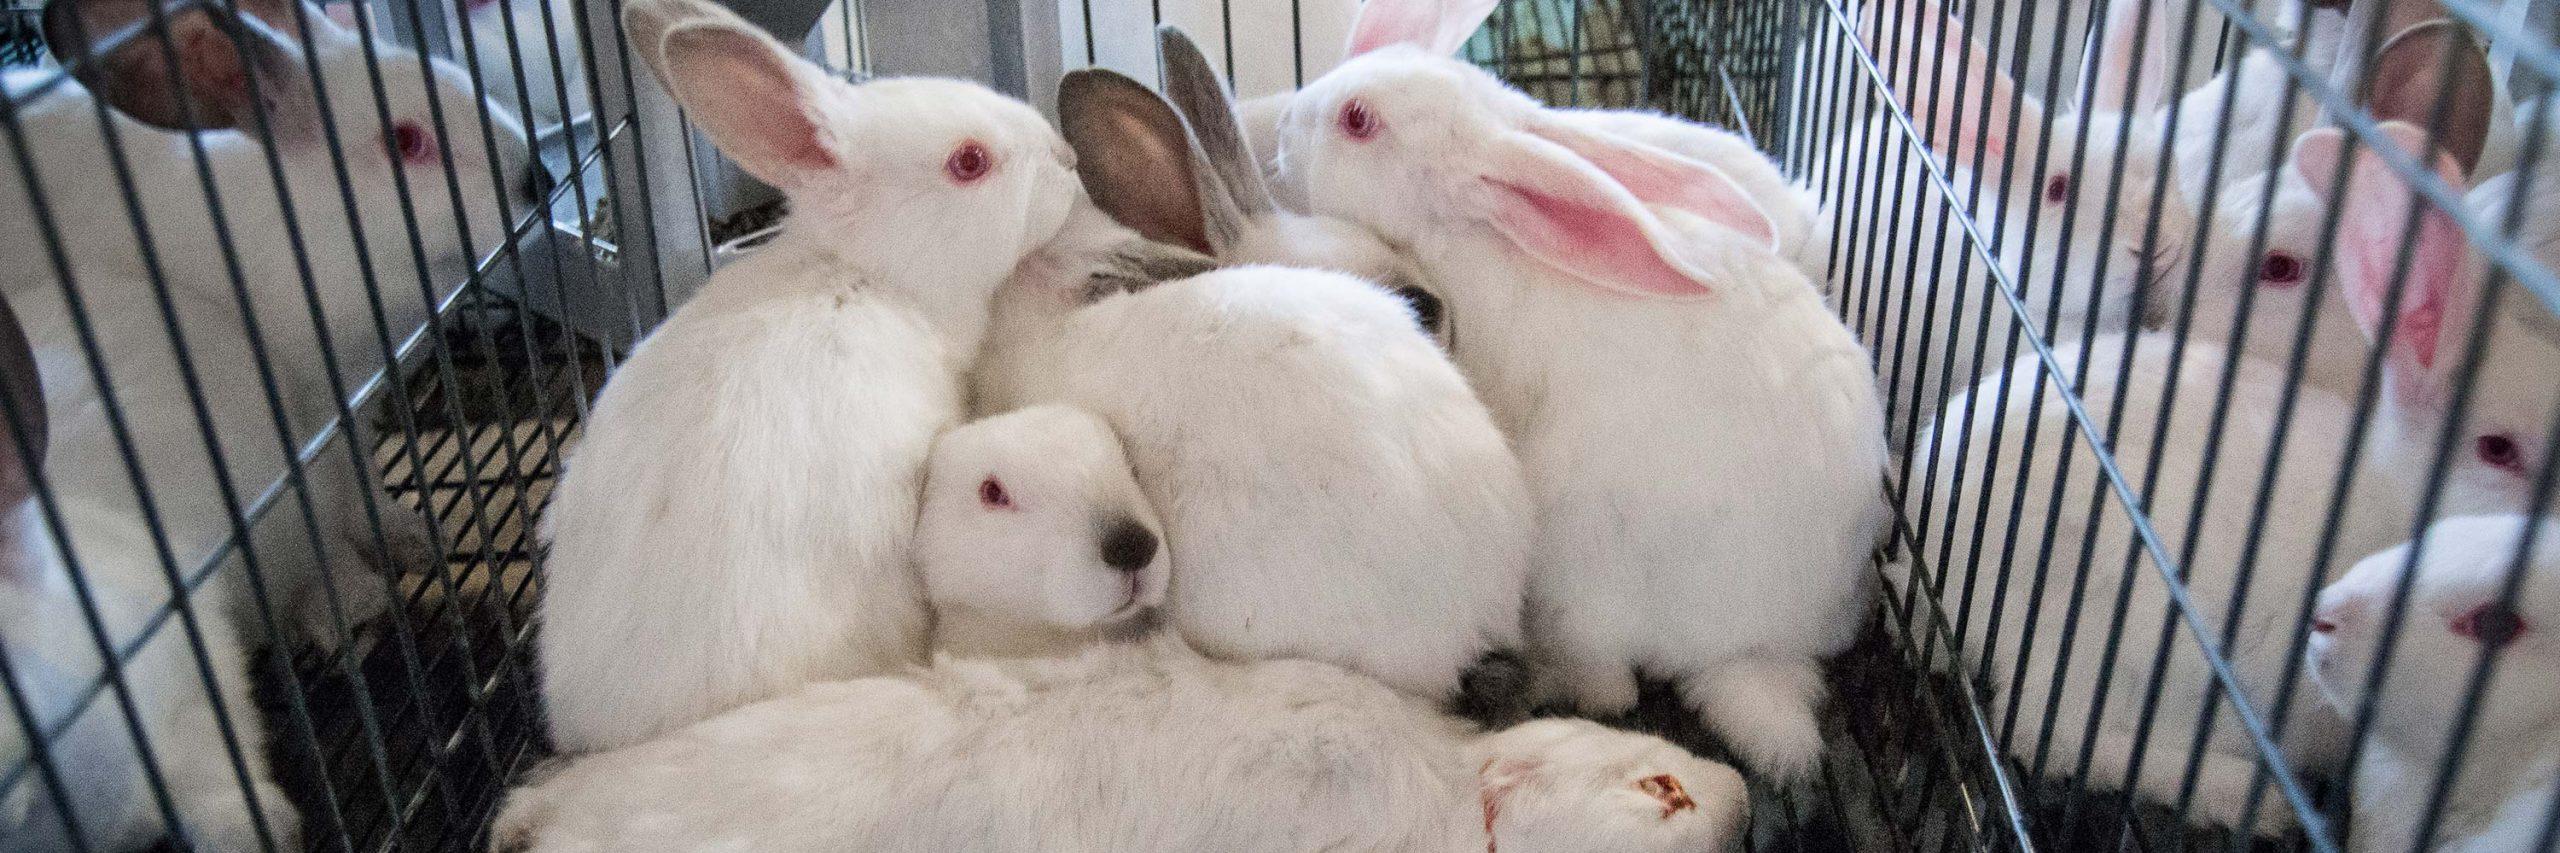 Europa Detecta Problemas De Bienestar En Las Granjas De Conejos Españolas